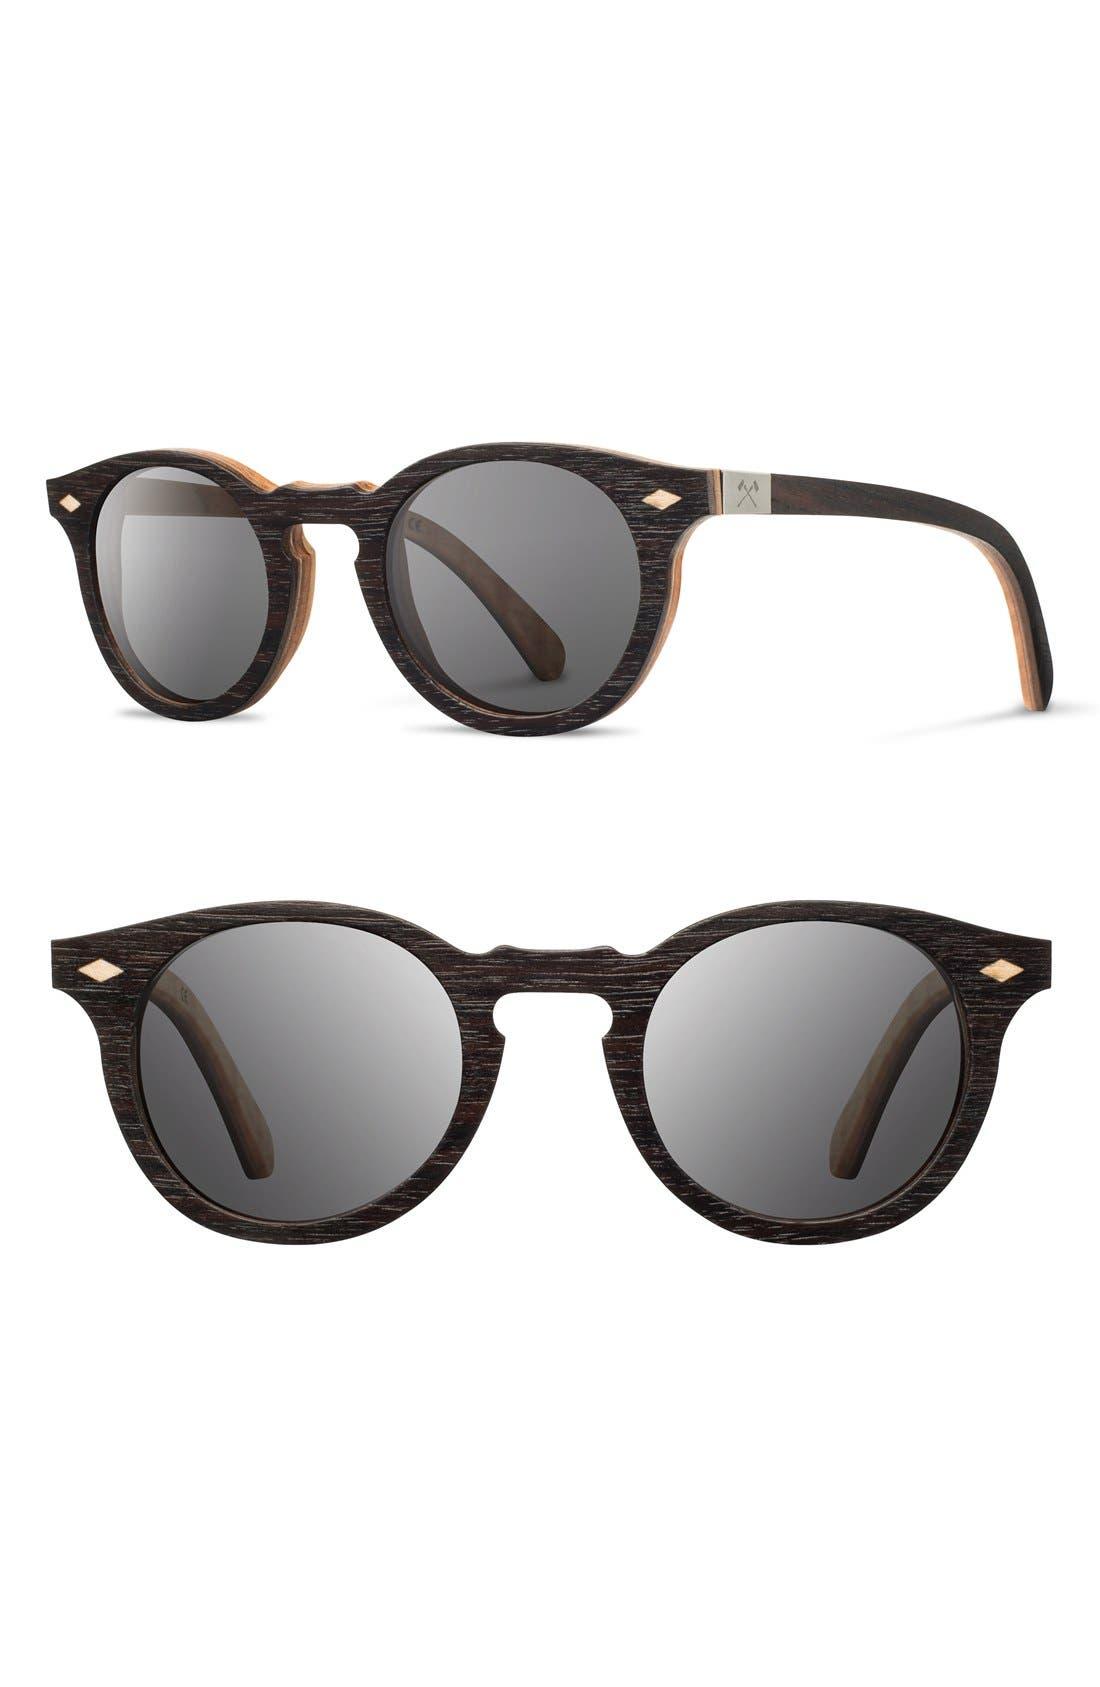 Main Image - Shwood 'Florence' 49mm Polarized Wood Sunglasses